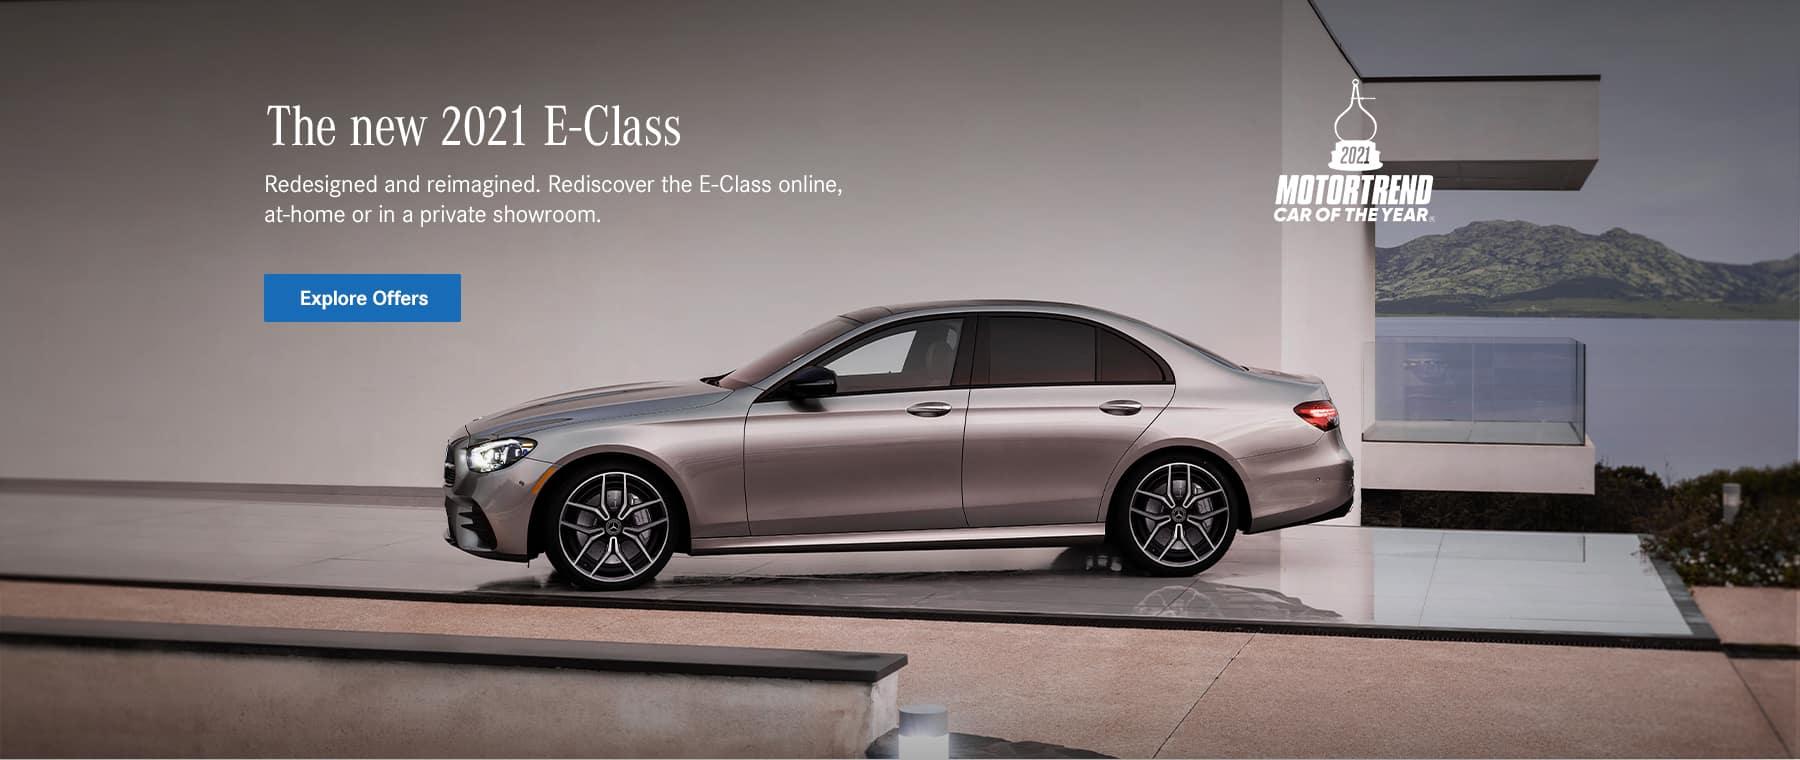 MY21 E-Class eCommerce COTY Dealer Website Banner_1800x760_E-